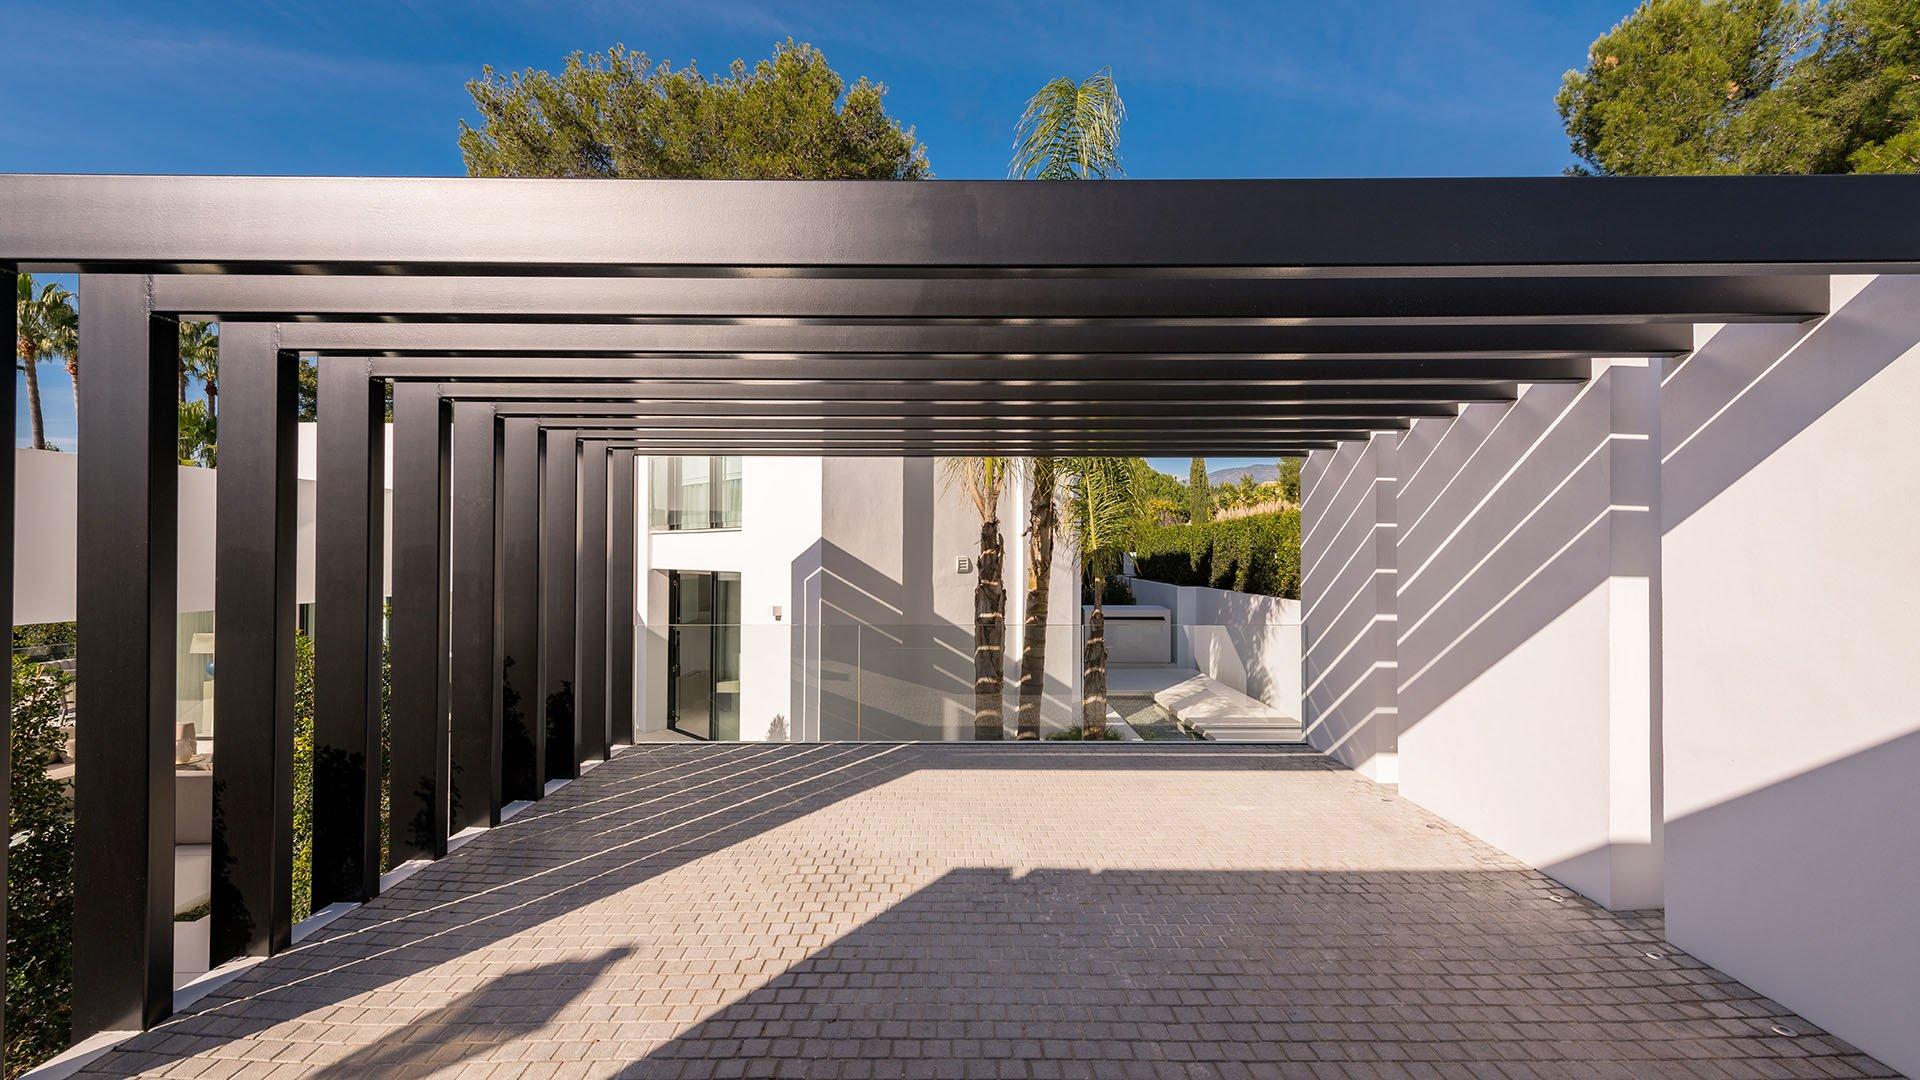 Villa Laranja: Eigentijdse villa in de begeerde woonwijk van Nueva Andalucía, Marbella